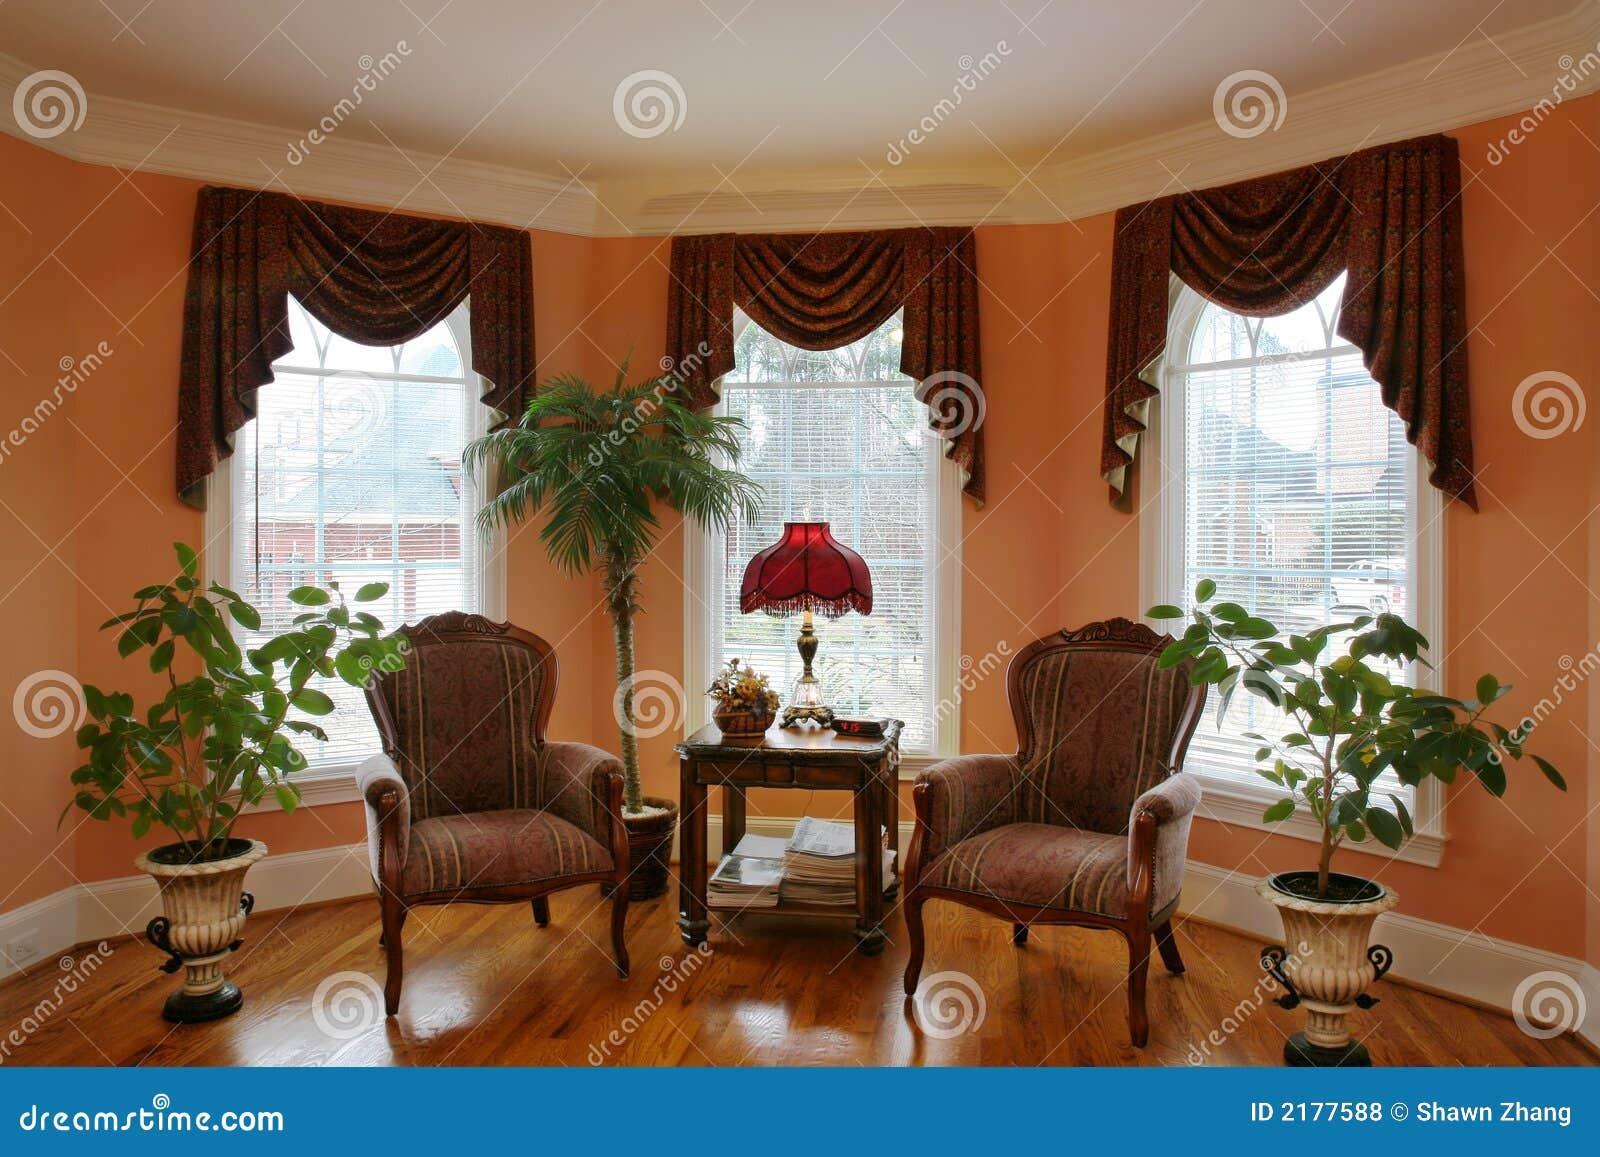 Wohnzimmer Mit Schacht-Fenster Lizenzfreie Stockfotos - Bild: 2177588